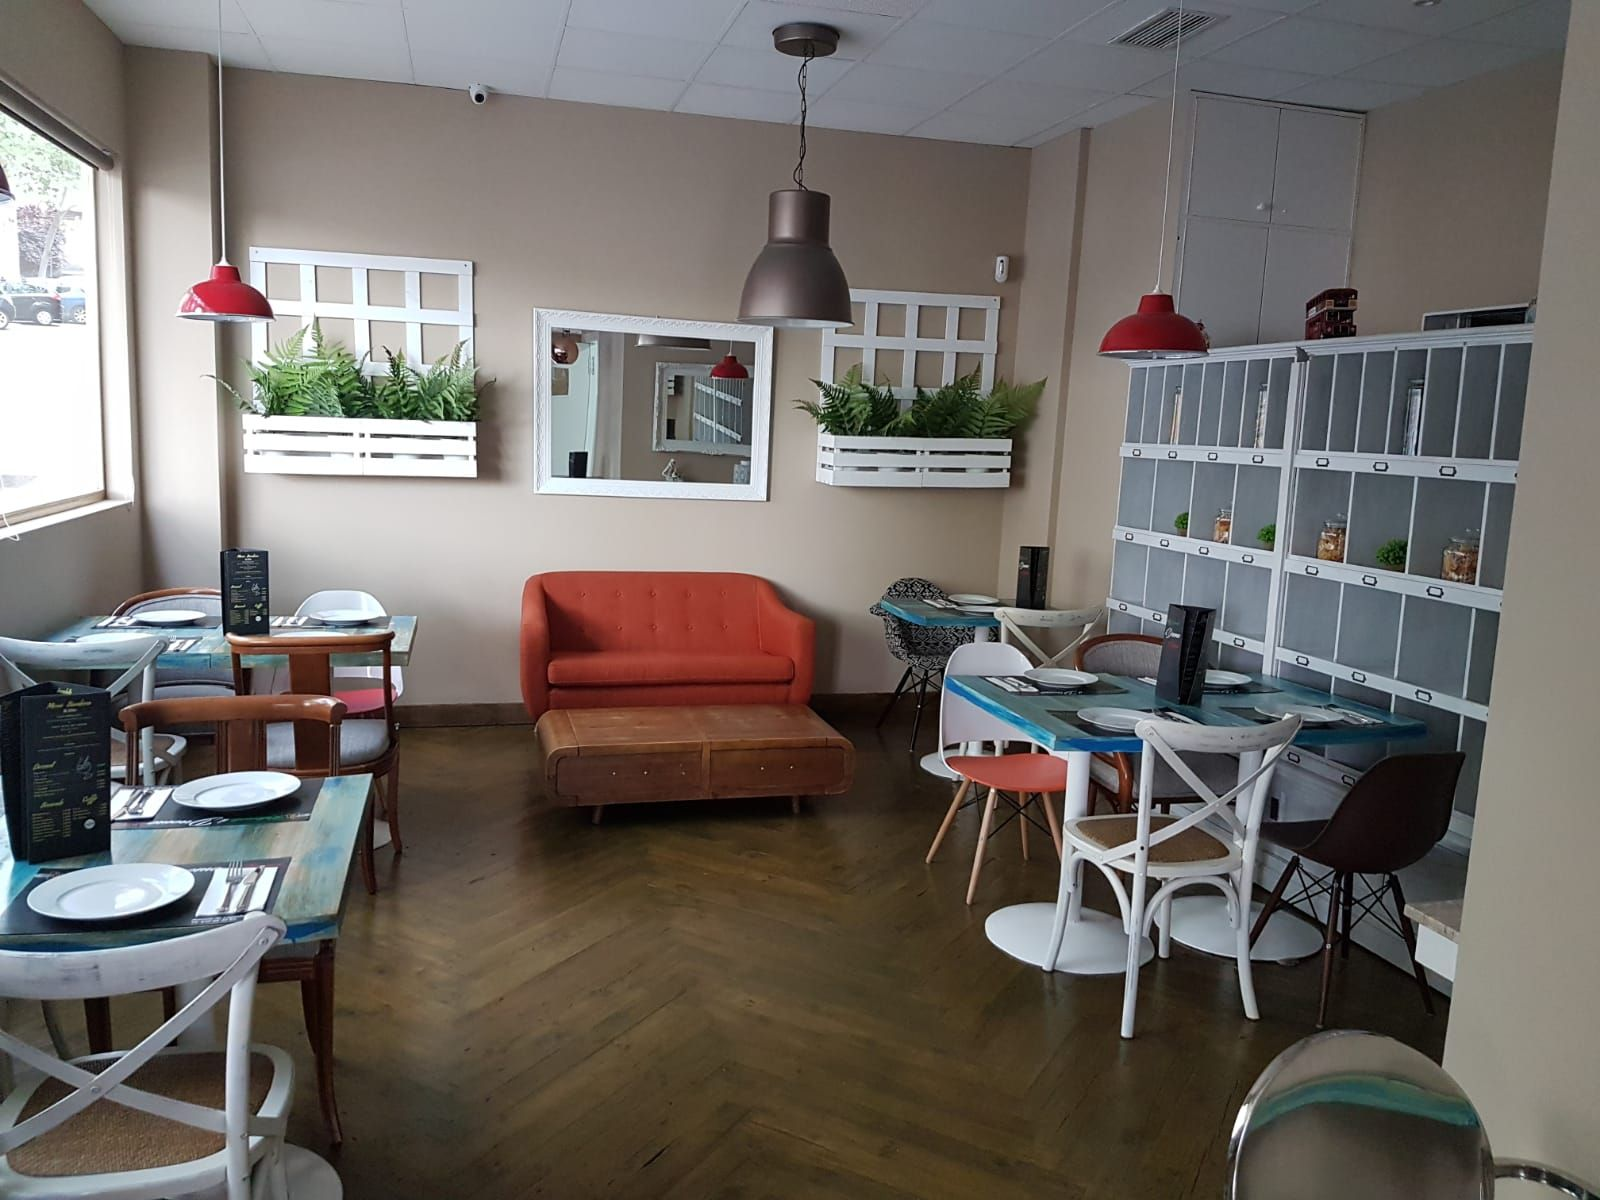 Restaurante italiano Barajas y Alameda de Osuna Madrid